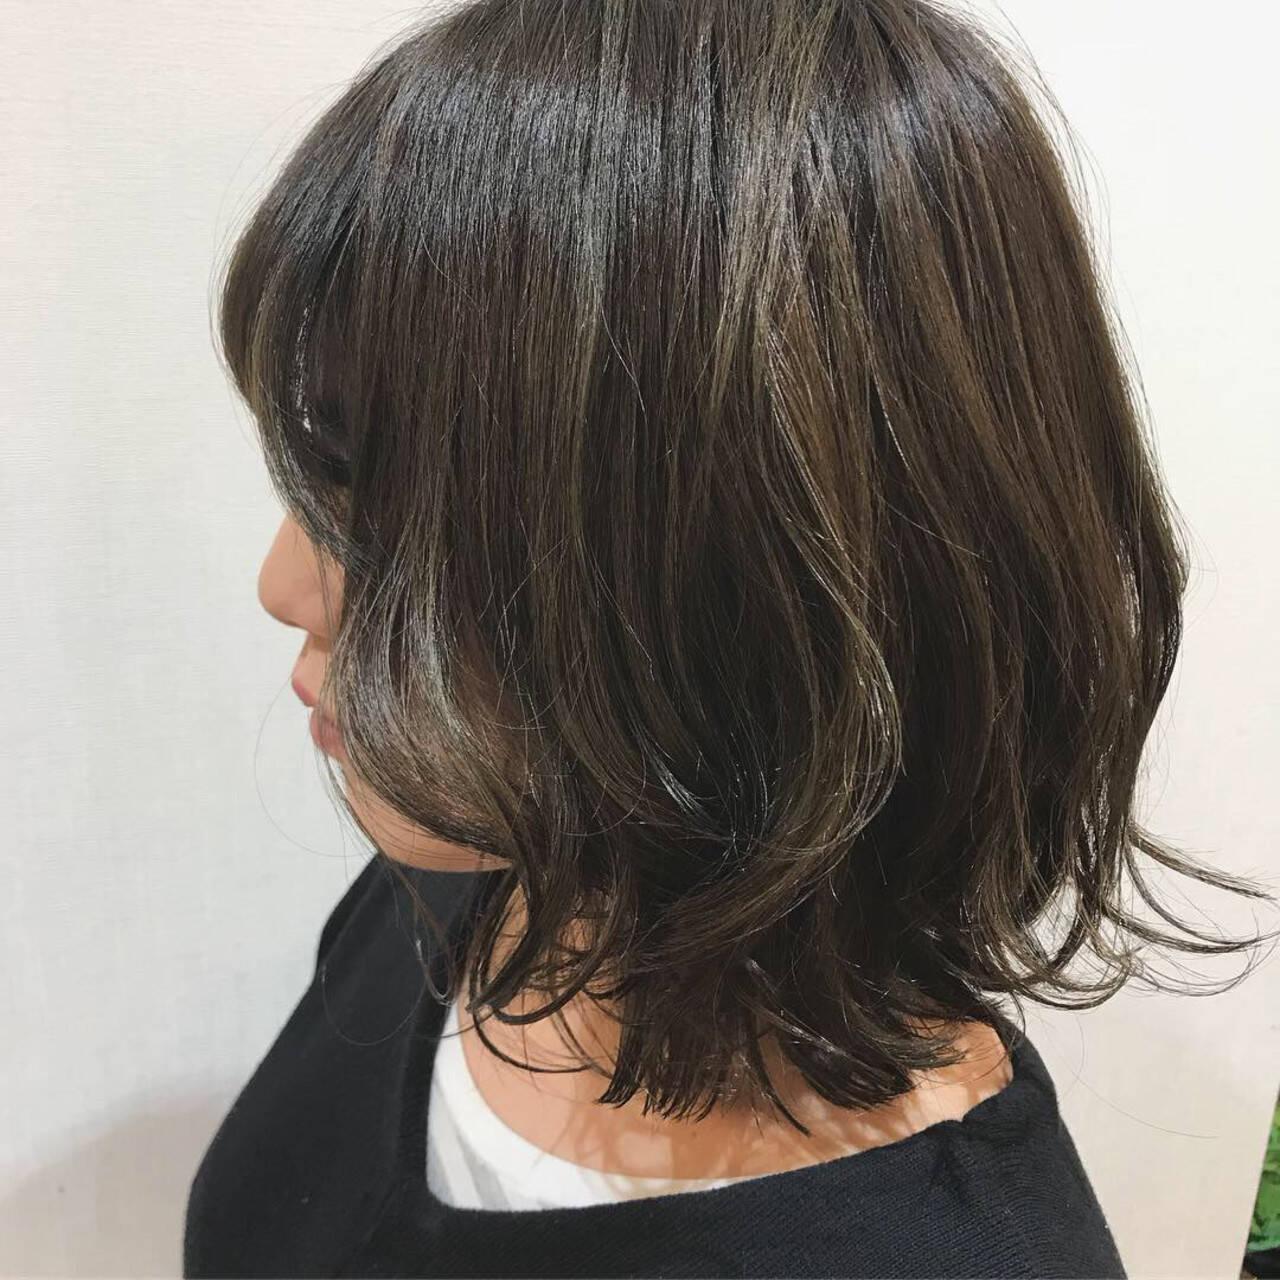 デート コテ巻き オリーブアッシュ カーキアッシュヘアスタイルや髪型の写真・画像